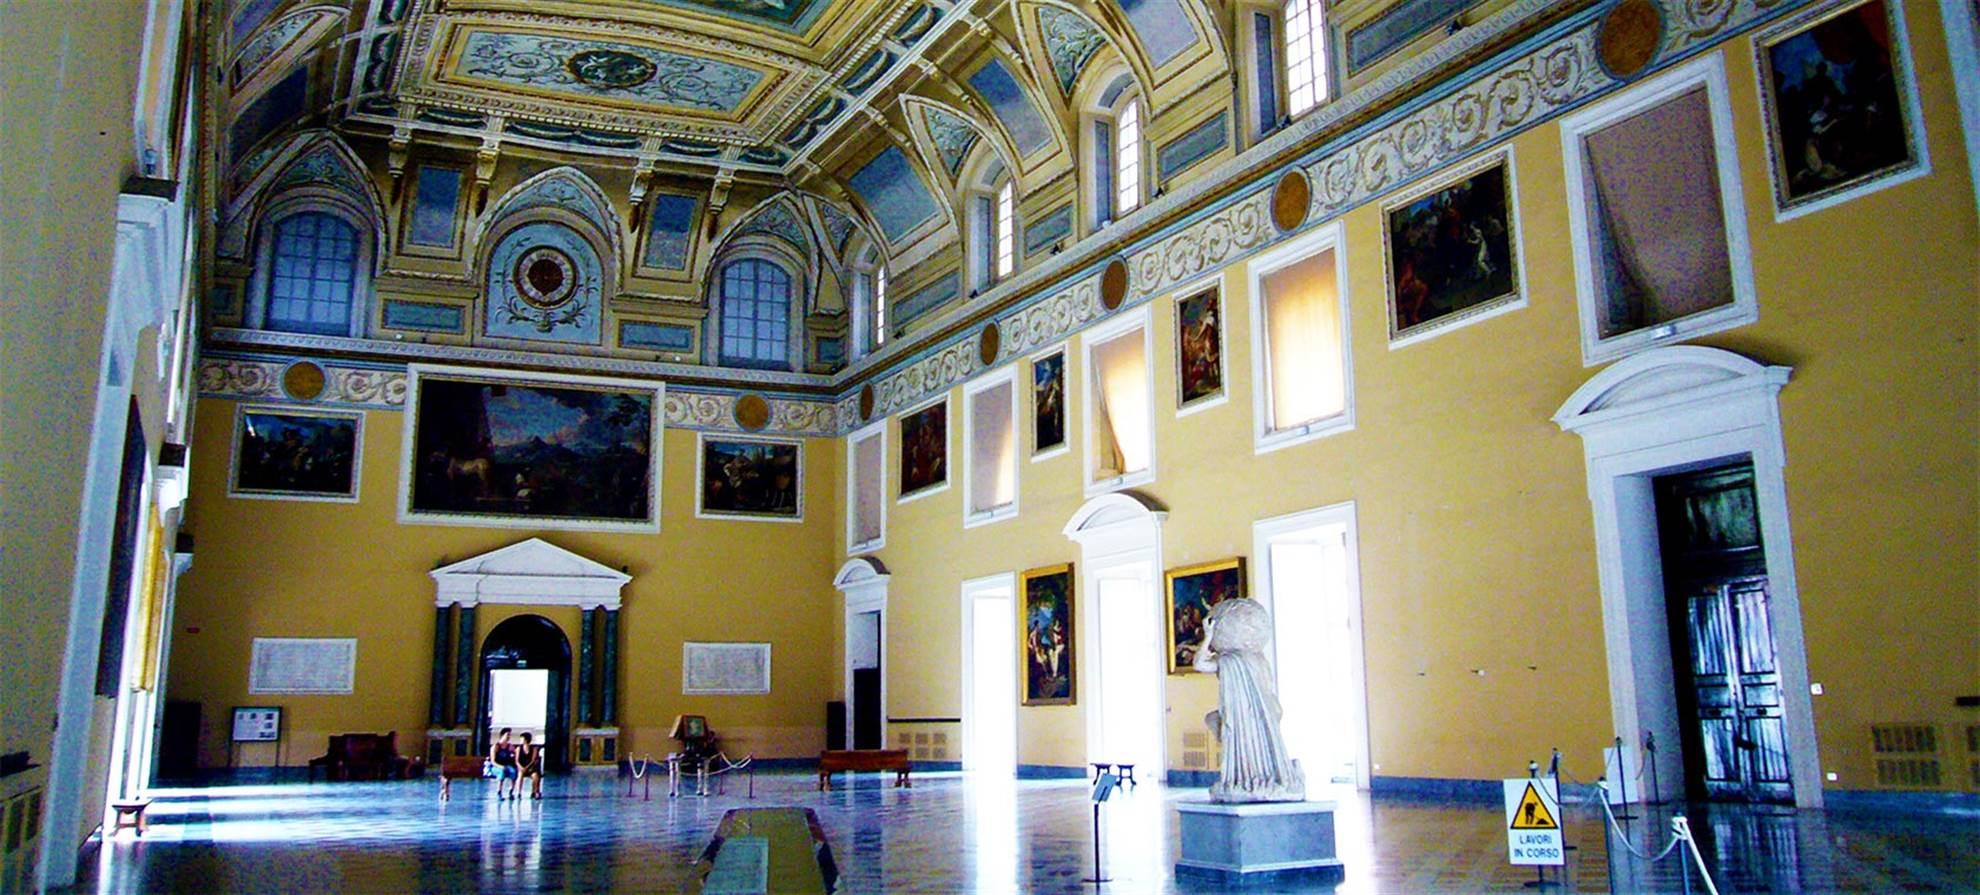 Museo Archeologico Nazionale.Museo Archeologico Nazionale Di Napoli